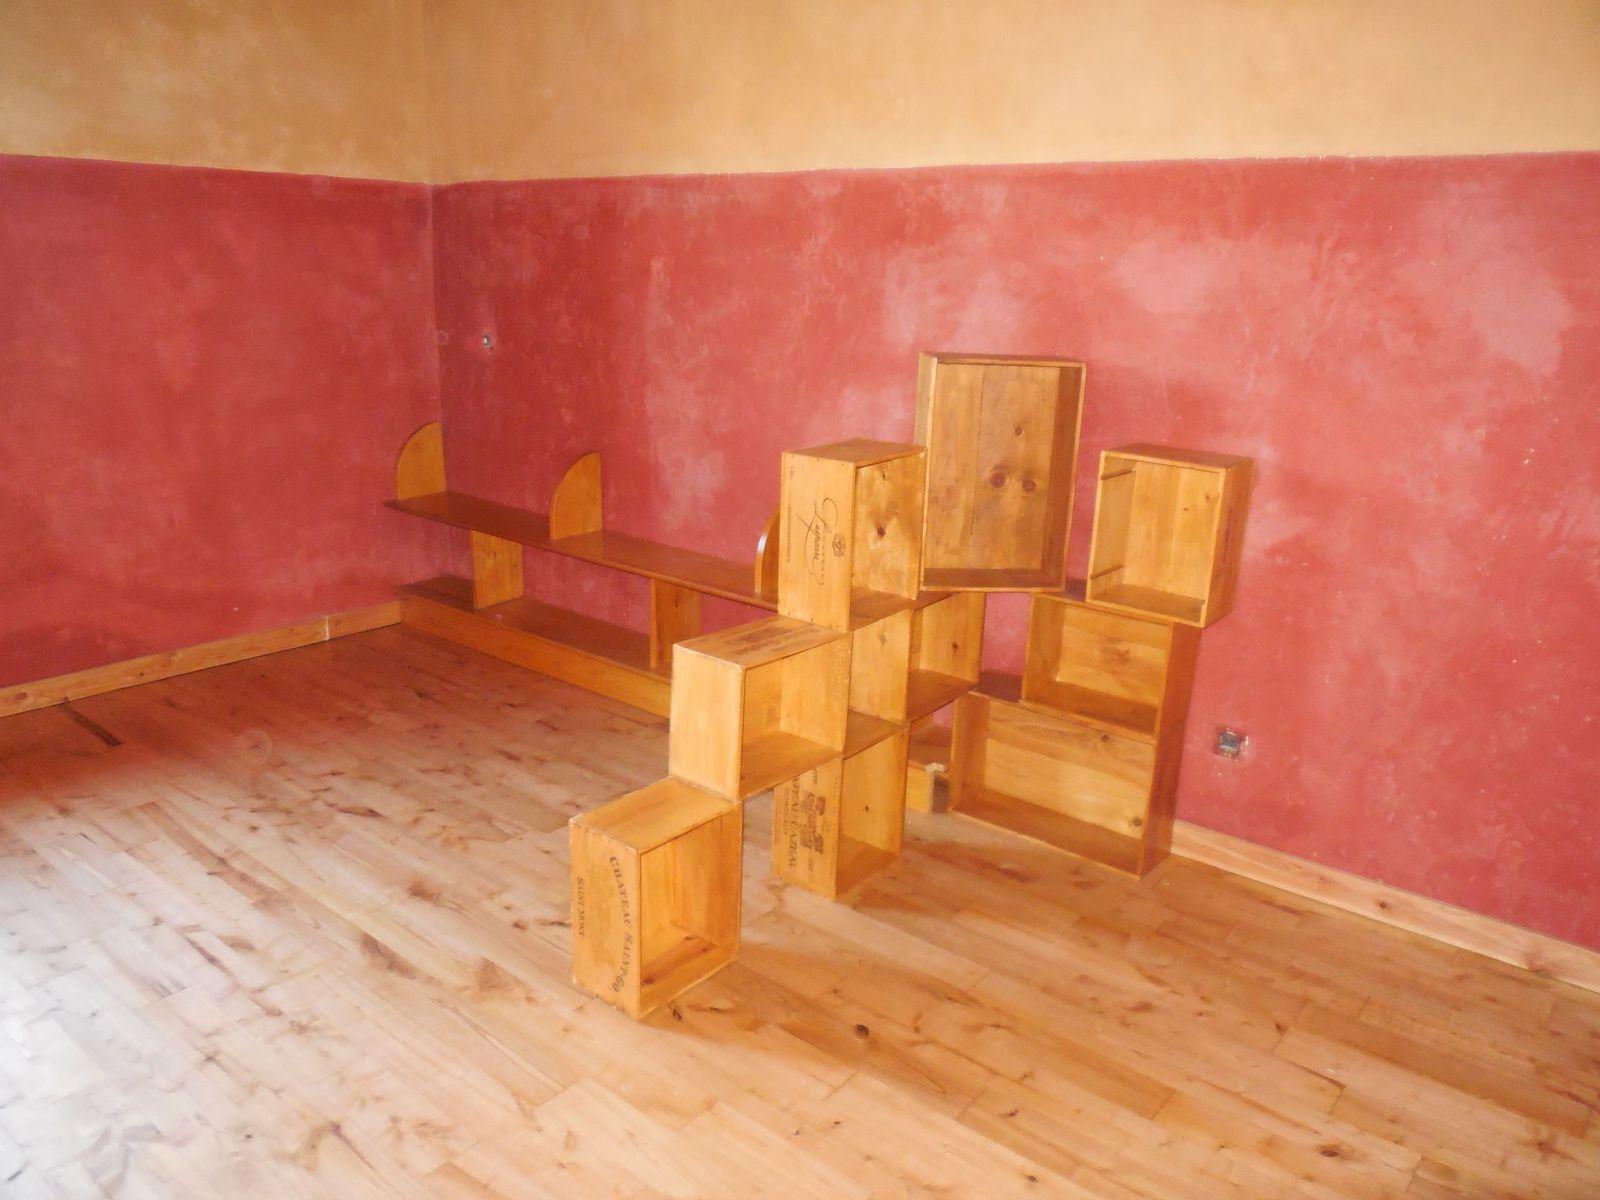 Enduits et peintures de la chambre dodue n 1 for Photo de peinture de chambre